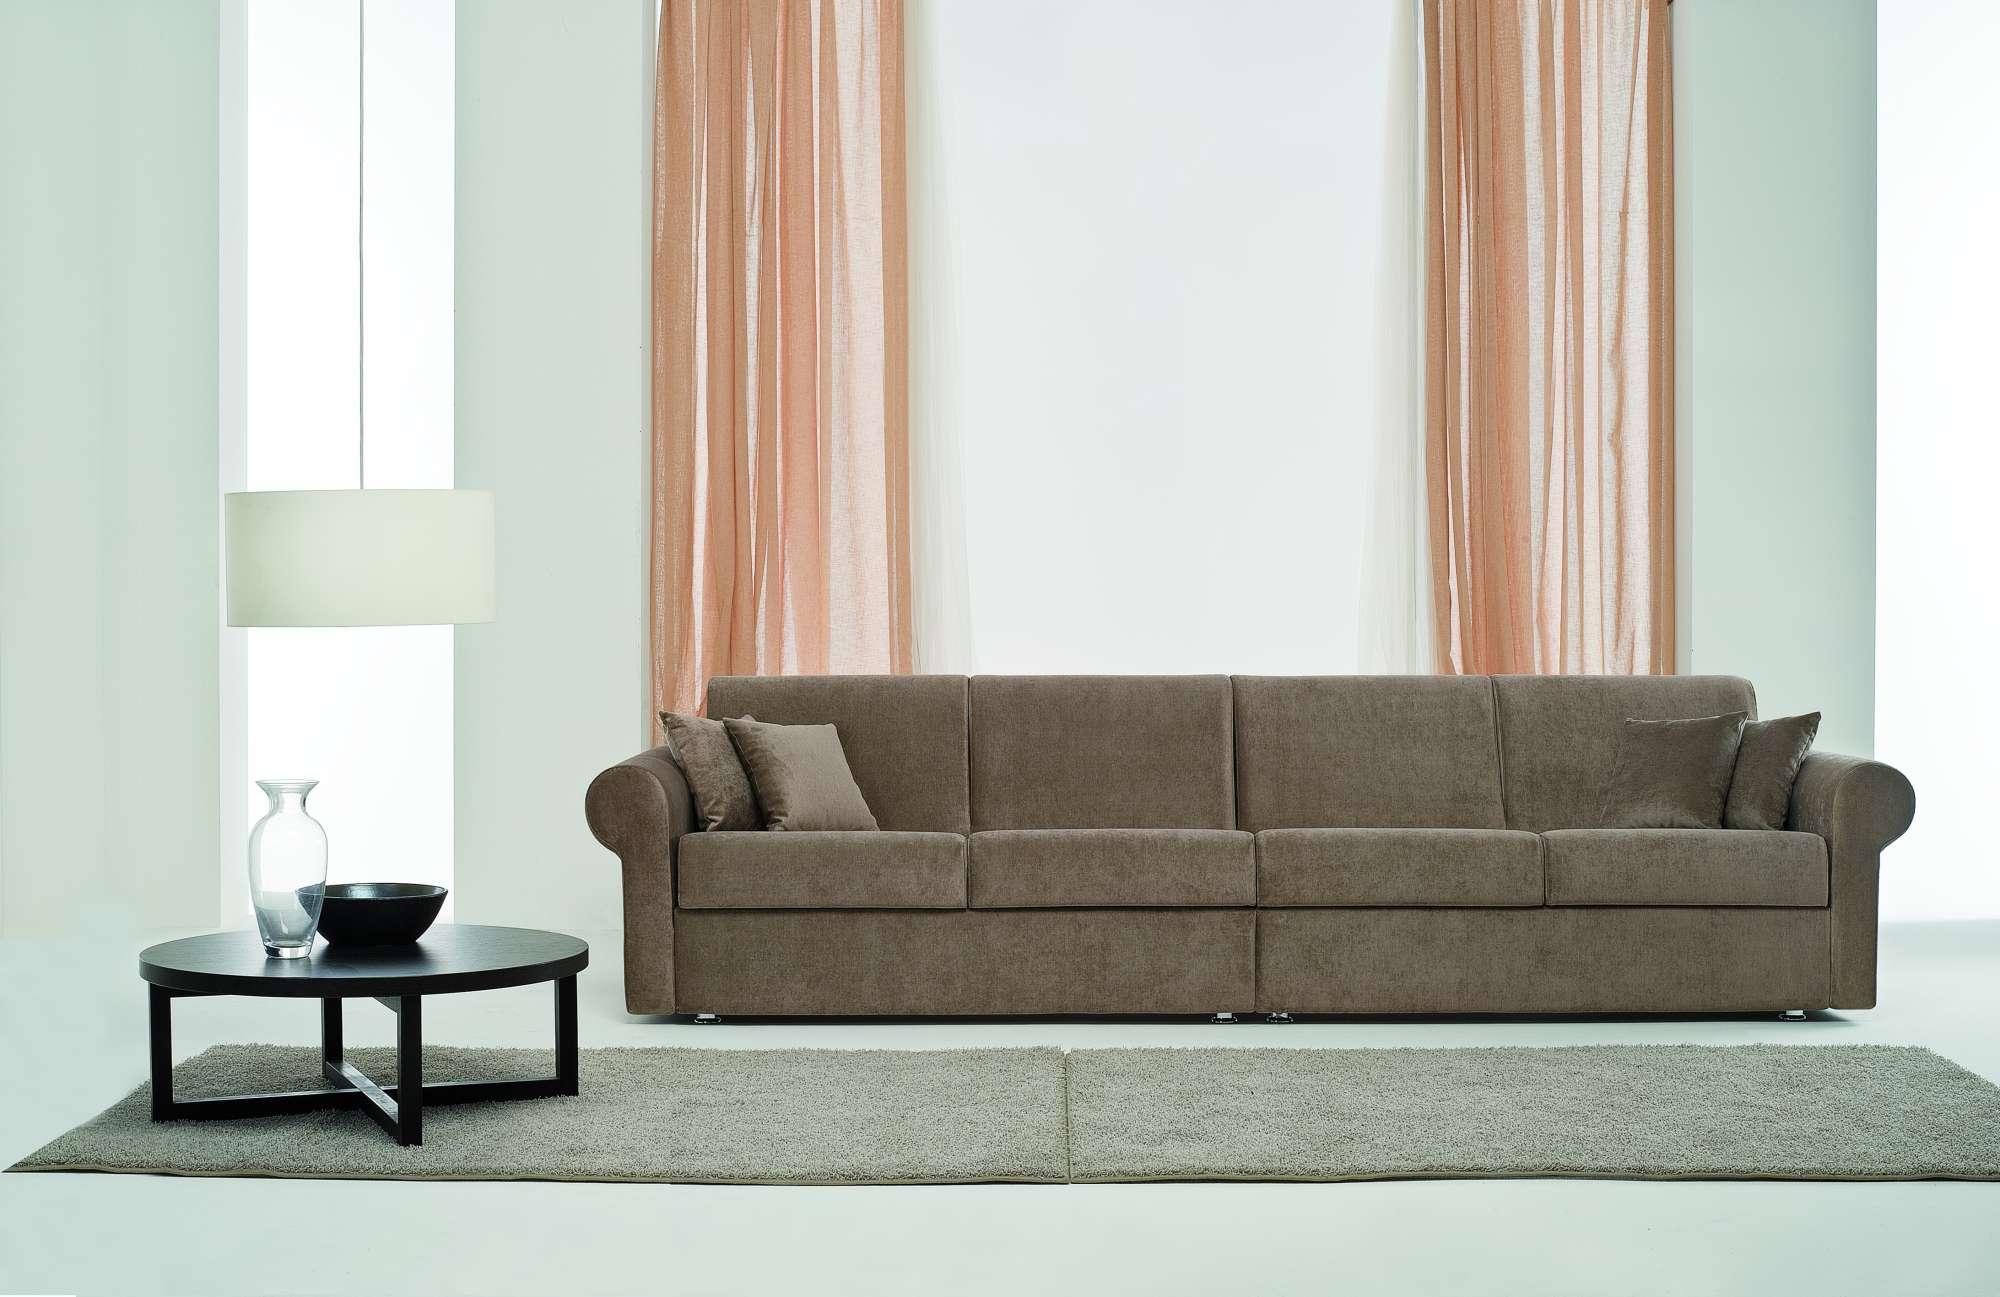 Sinfony divani letto con chaise longue collezione moderni - Cuscini lunghi per letto ...